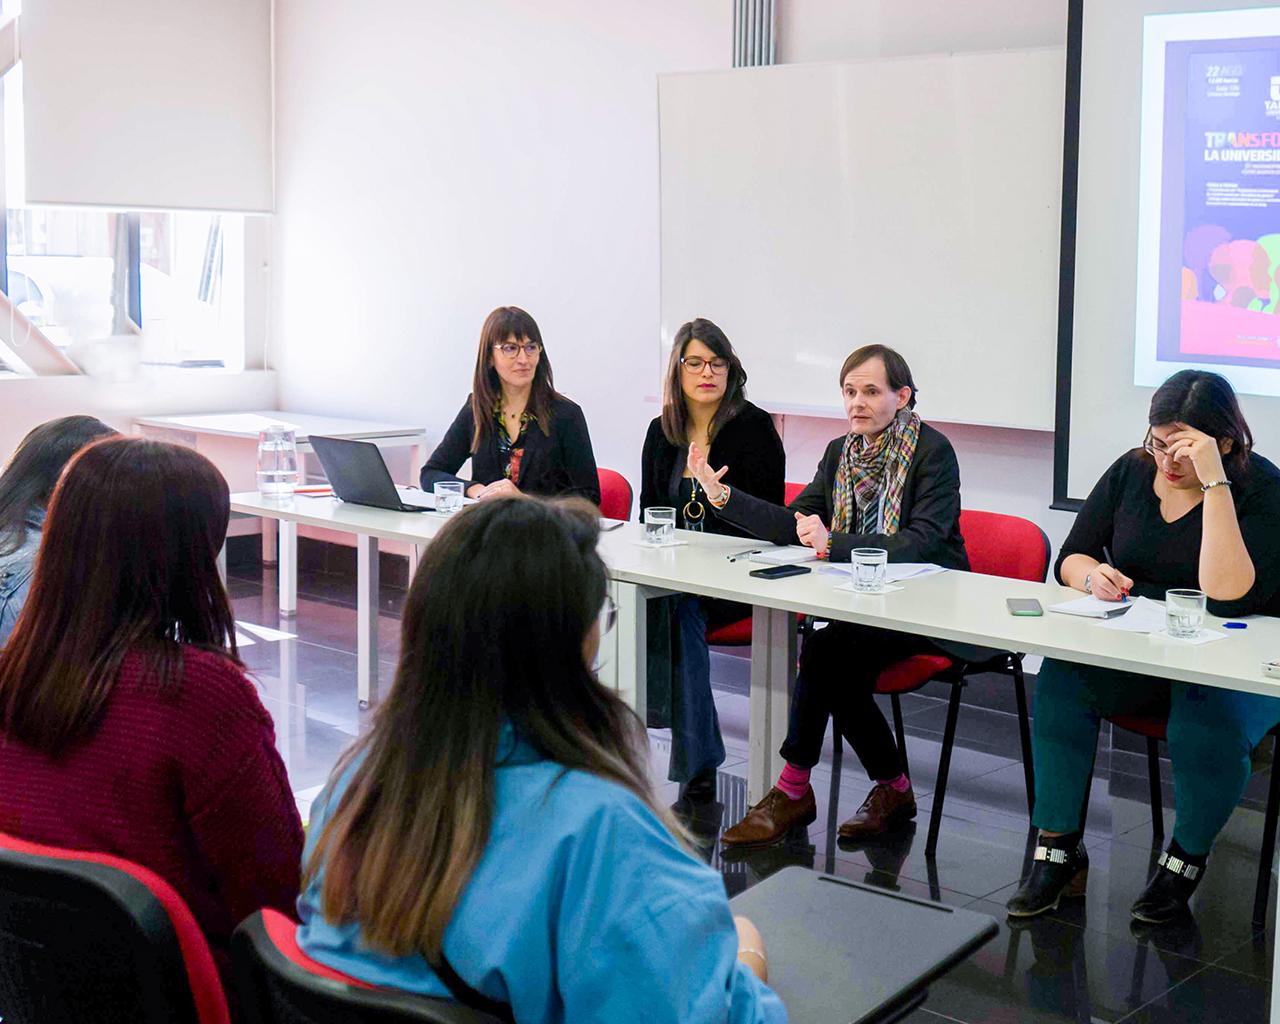 Expertos analizan la identidad de género y derechos humanos